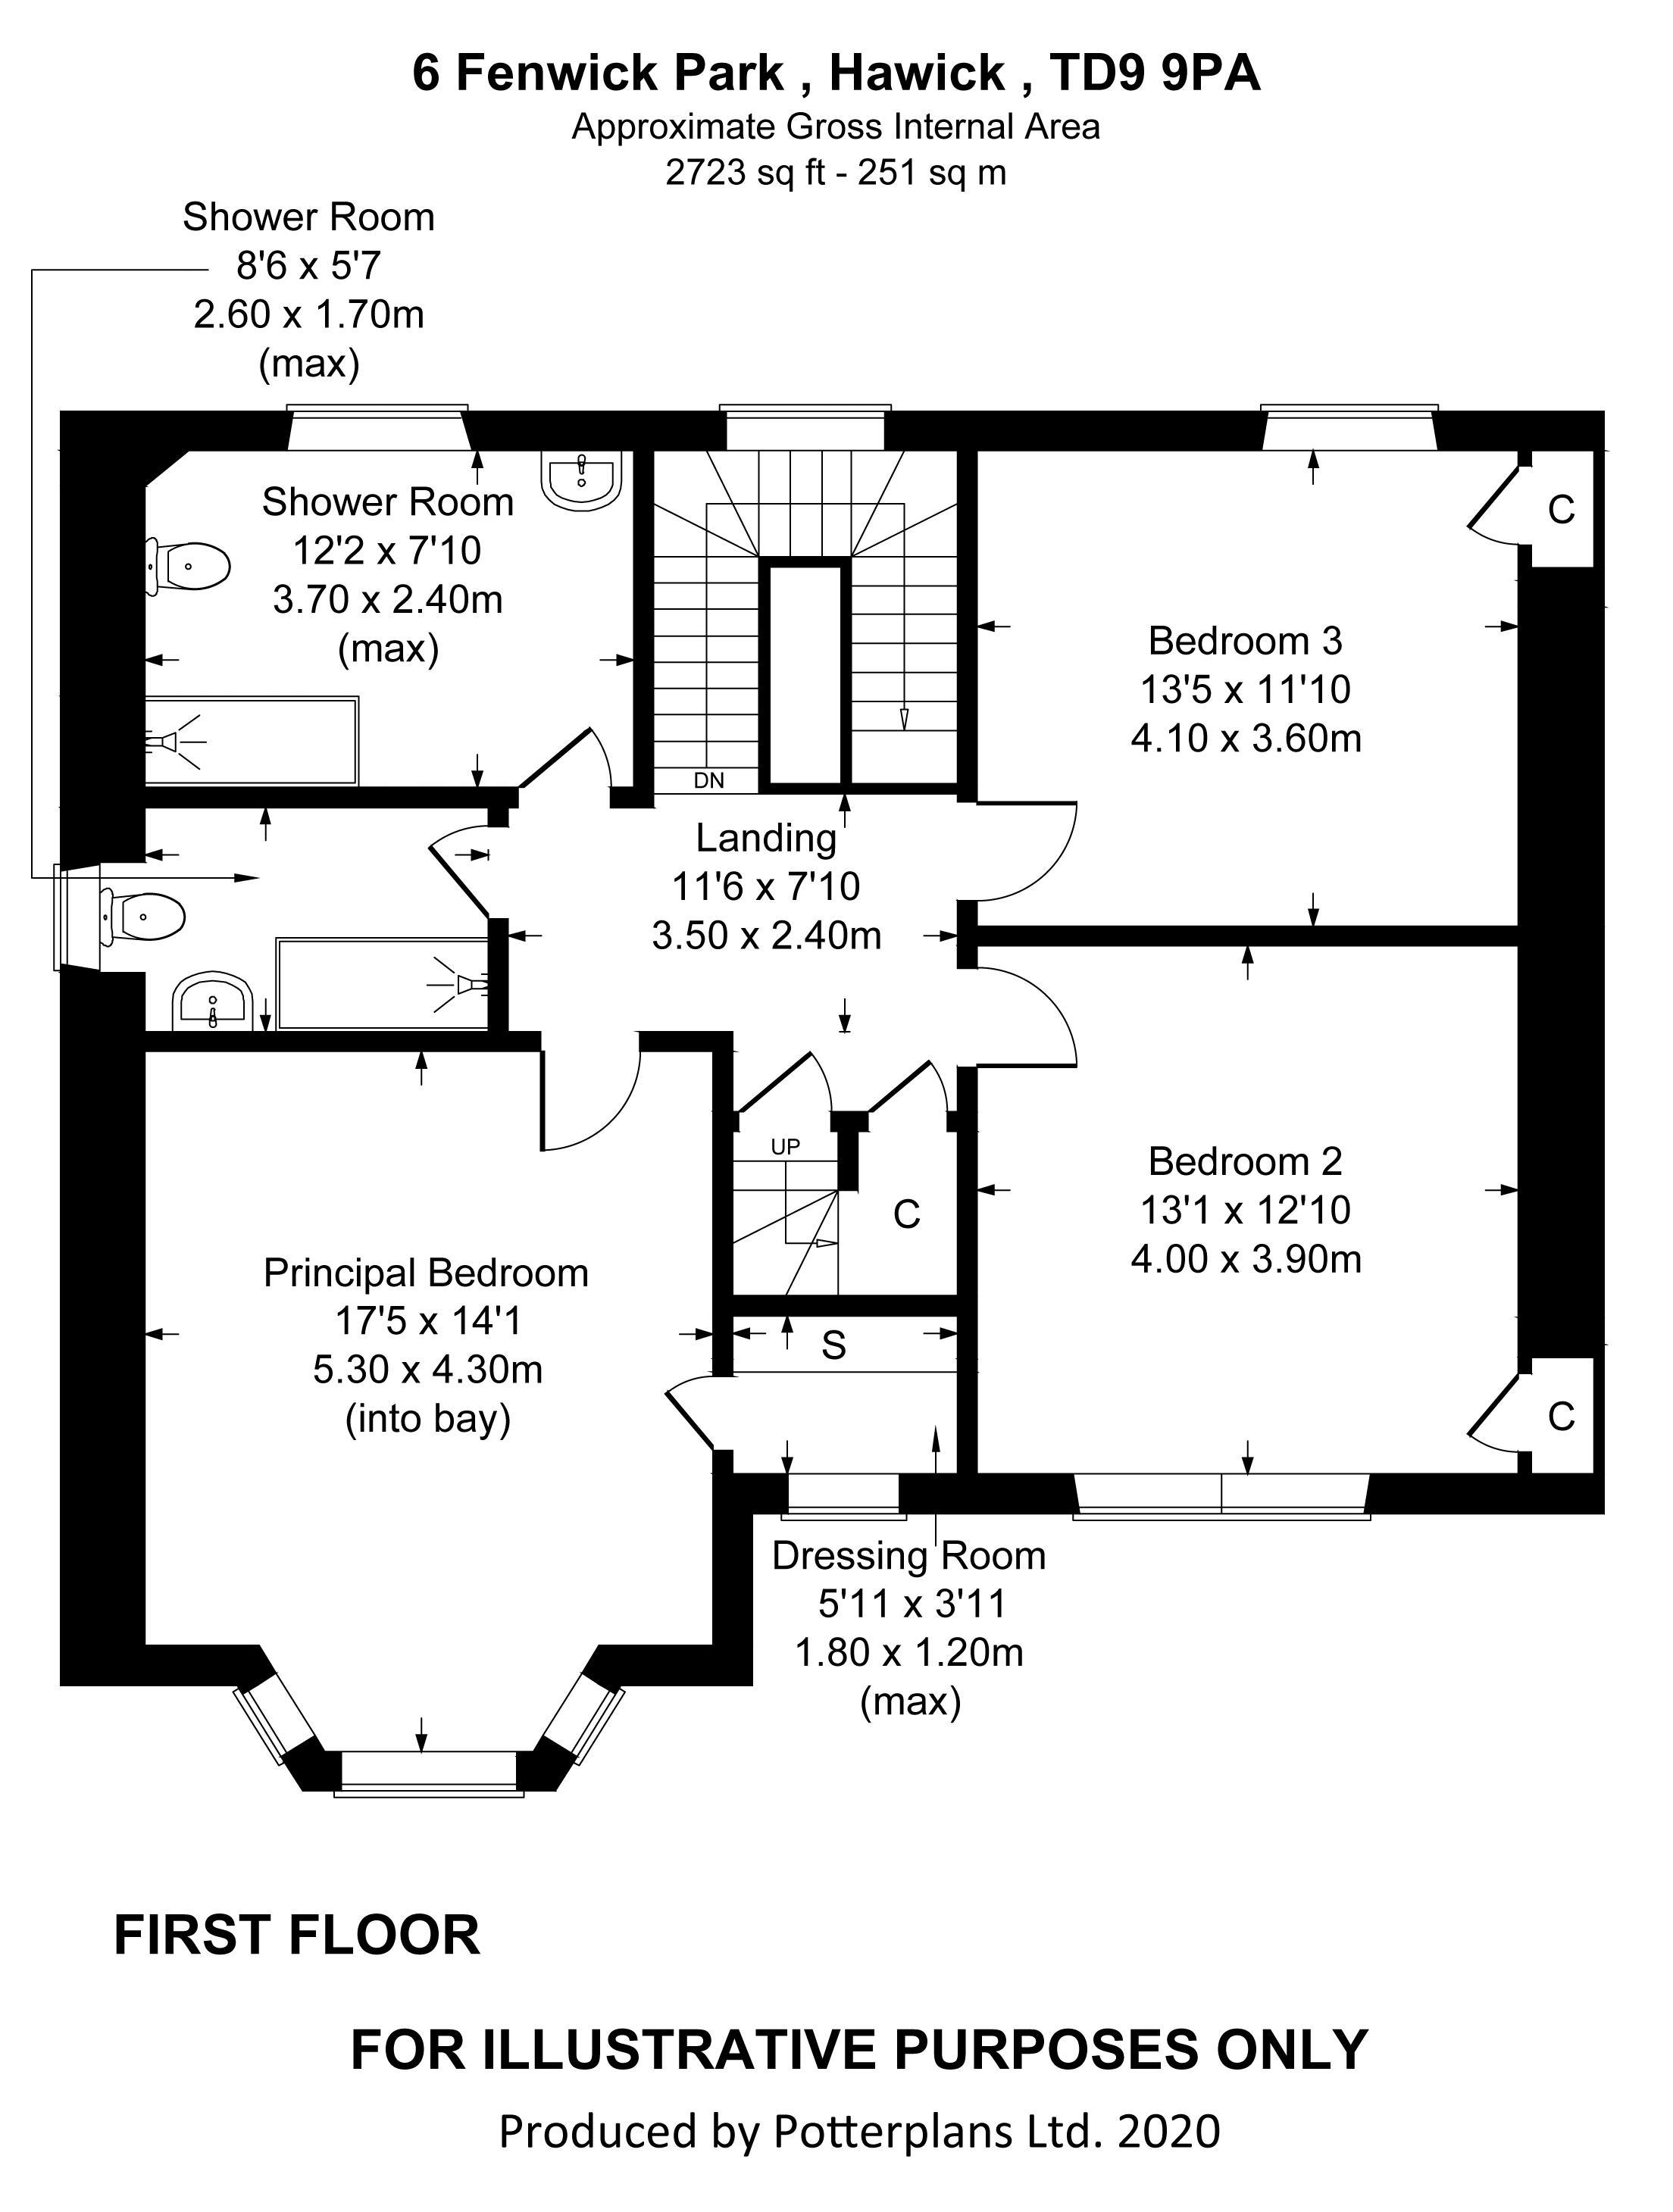 6 Fenwick Park First Floor